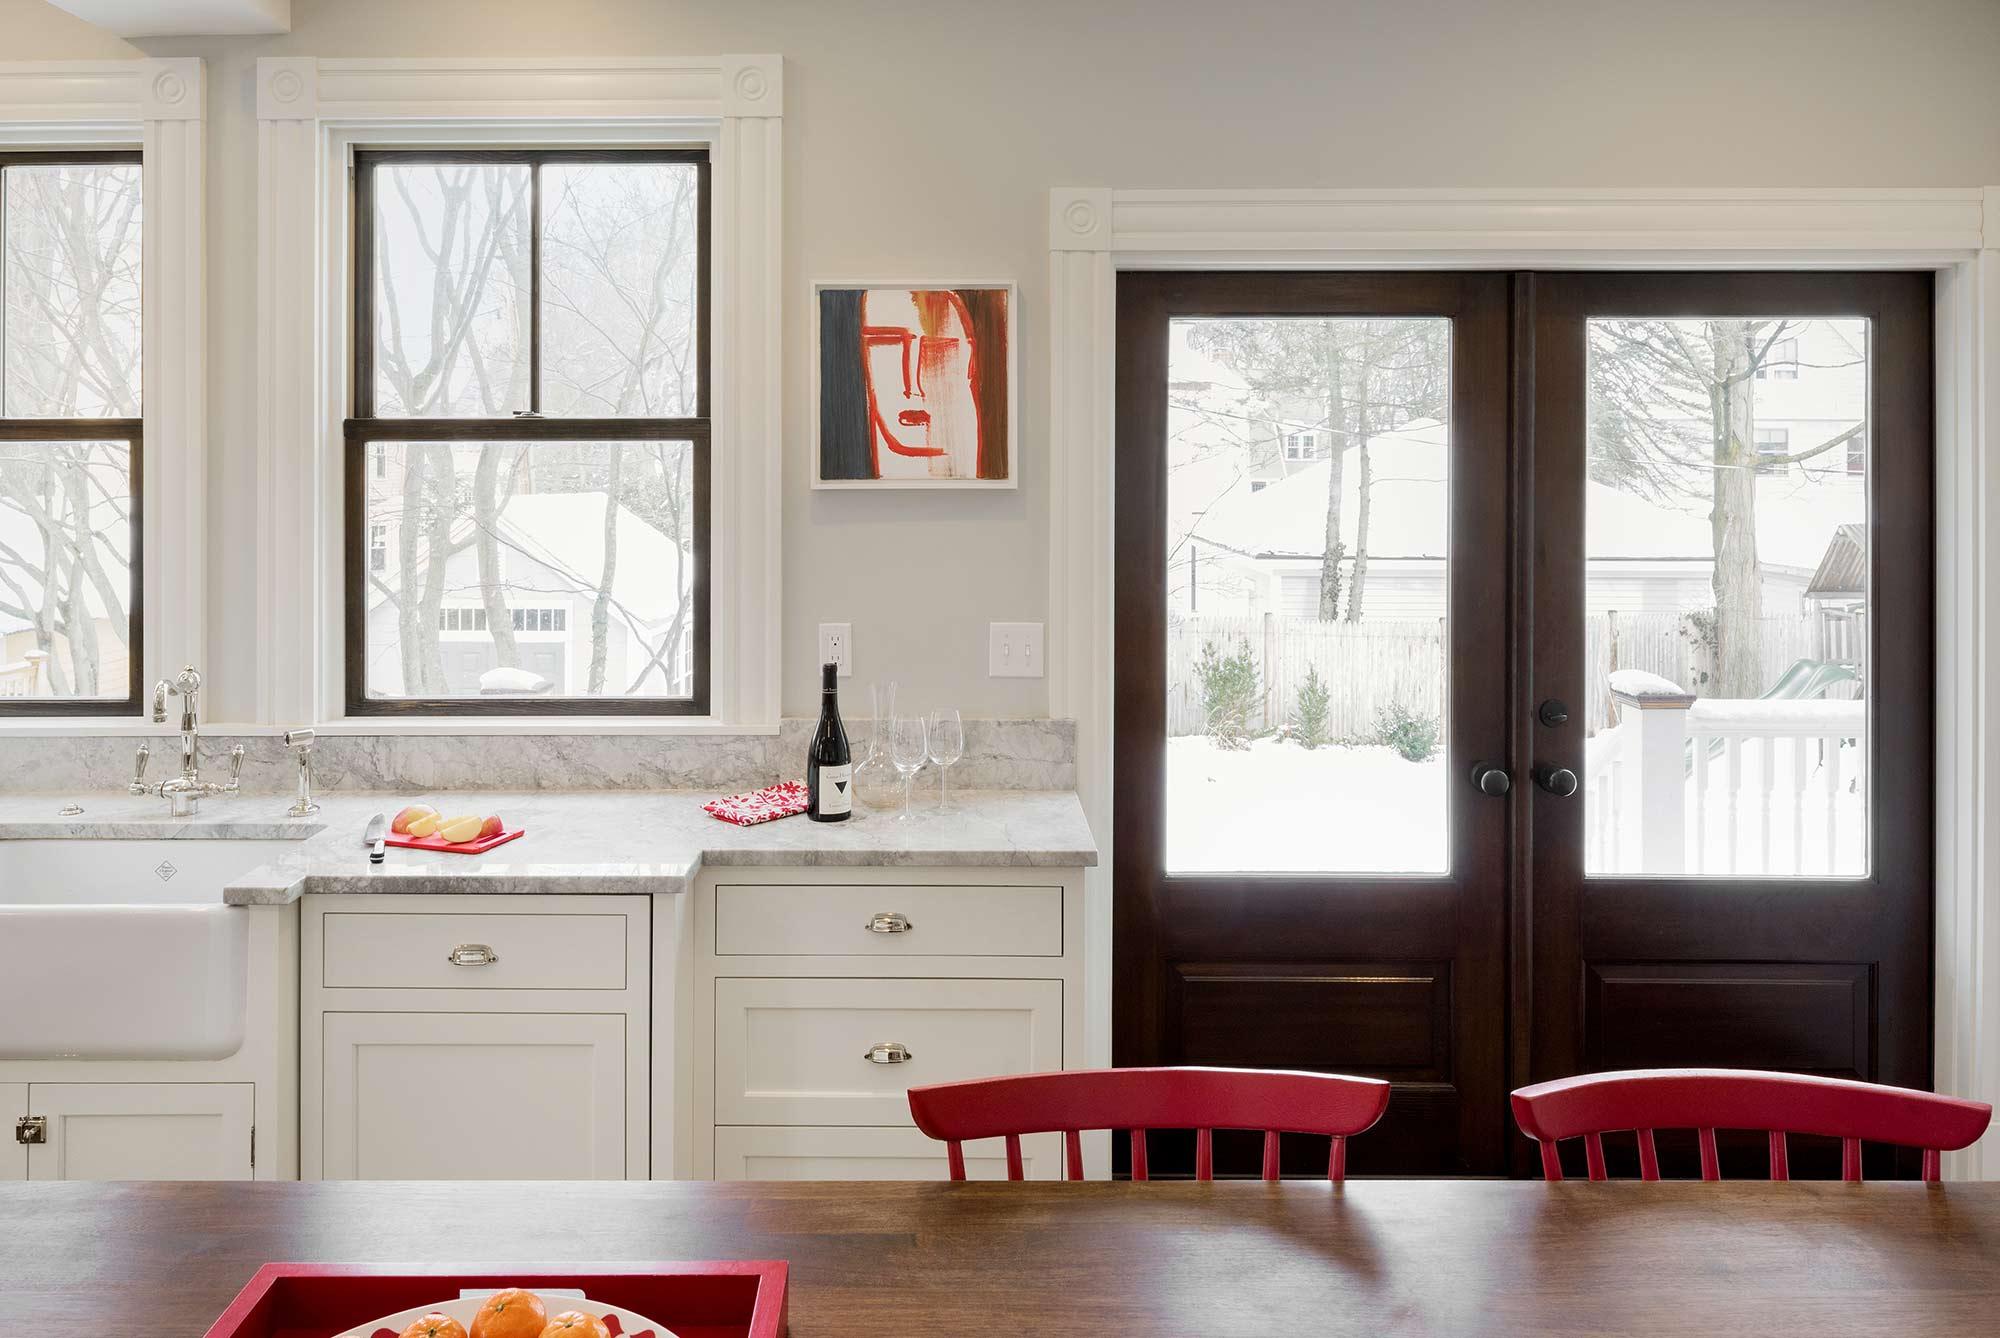 Mermagen Kitchen Remodel Table Set & Back Door